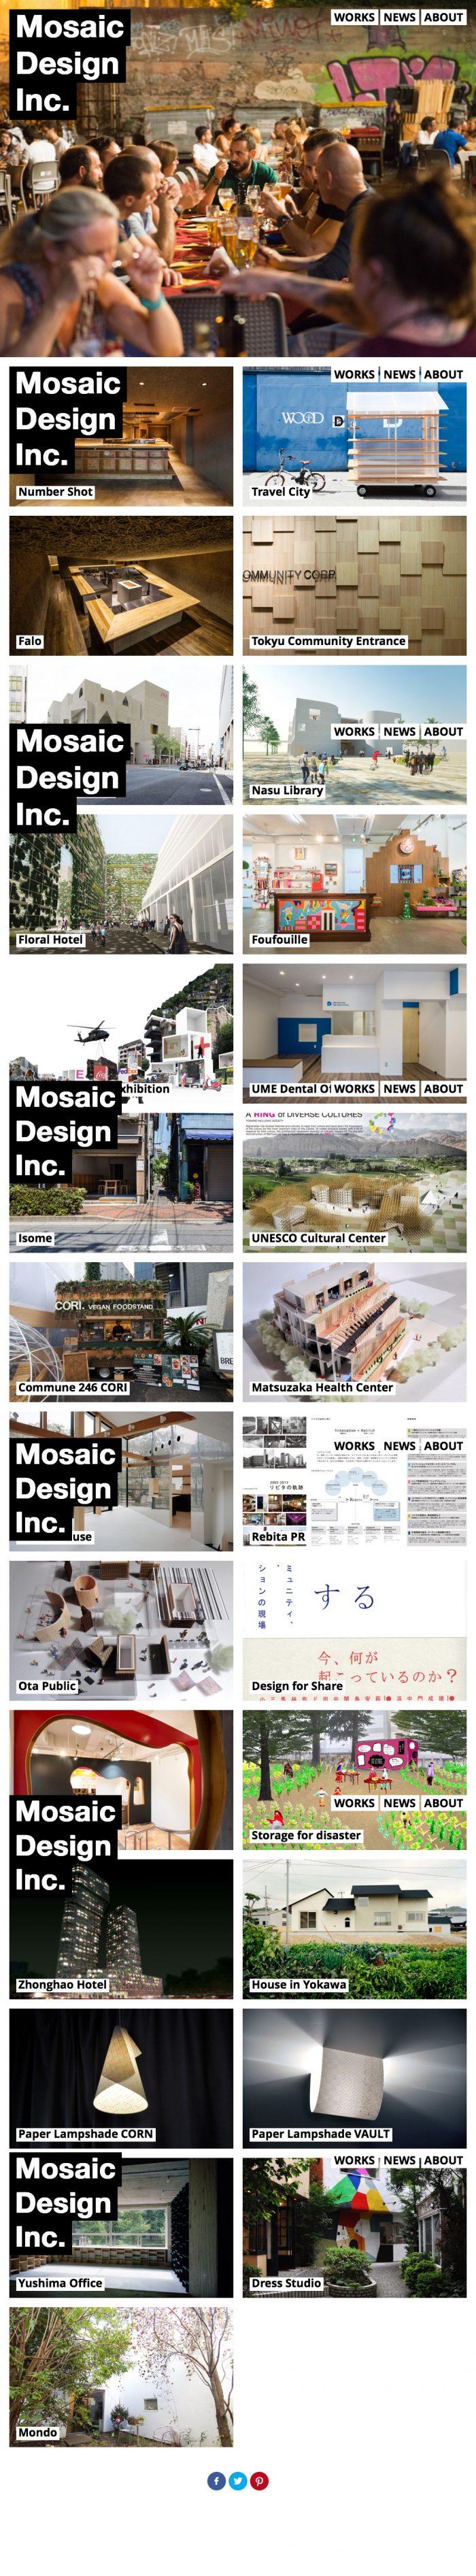 mosaicdesign.jp-